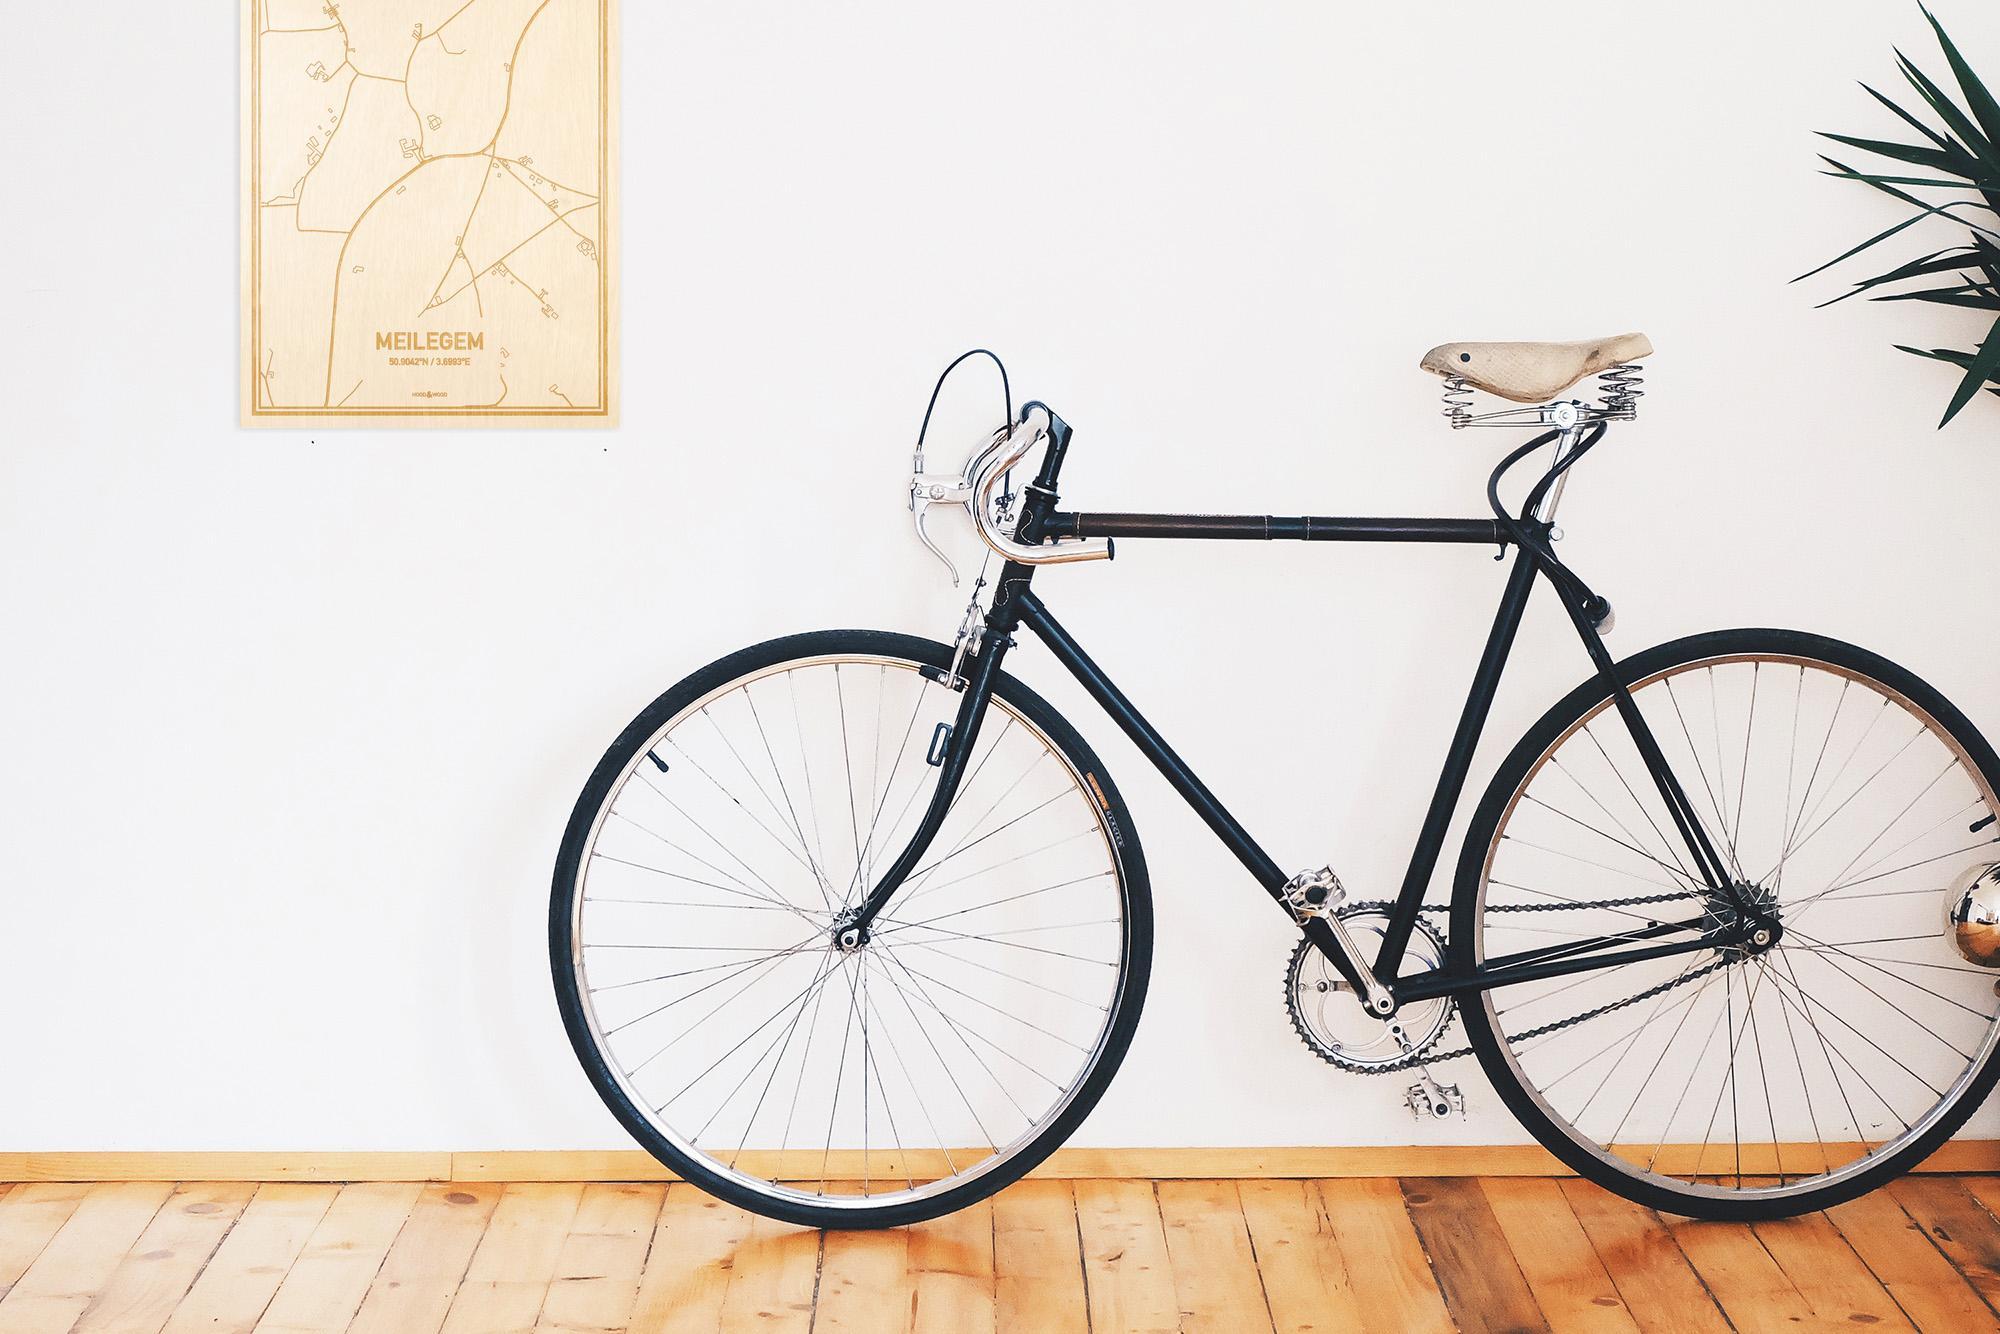 Een snelle fiets in een uniek interieur in Oost-Vlaanderen  met mooie decoratie zoals de plattegrond Meilegem.